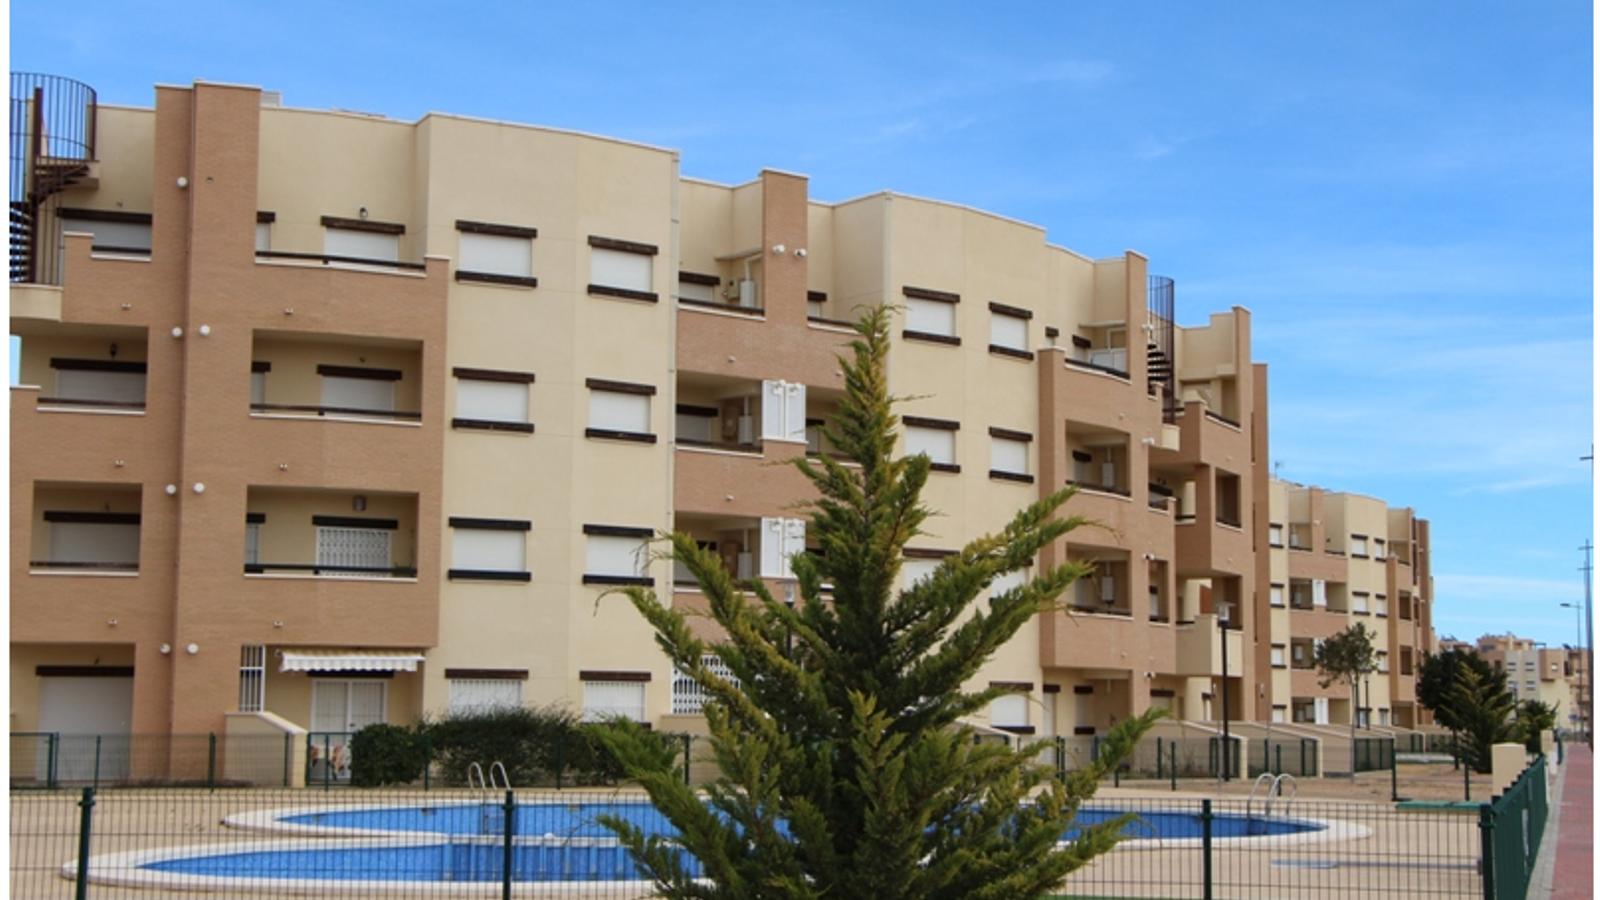 Apartaments a la costa a partir de euros for Banc sabadell pisos